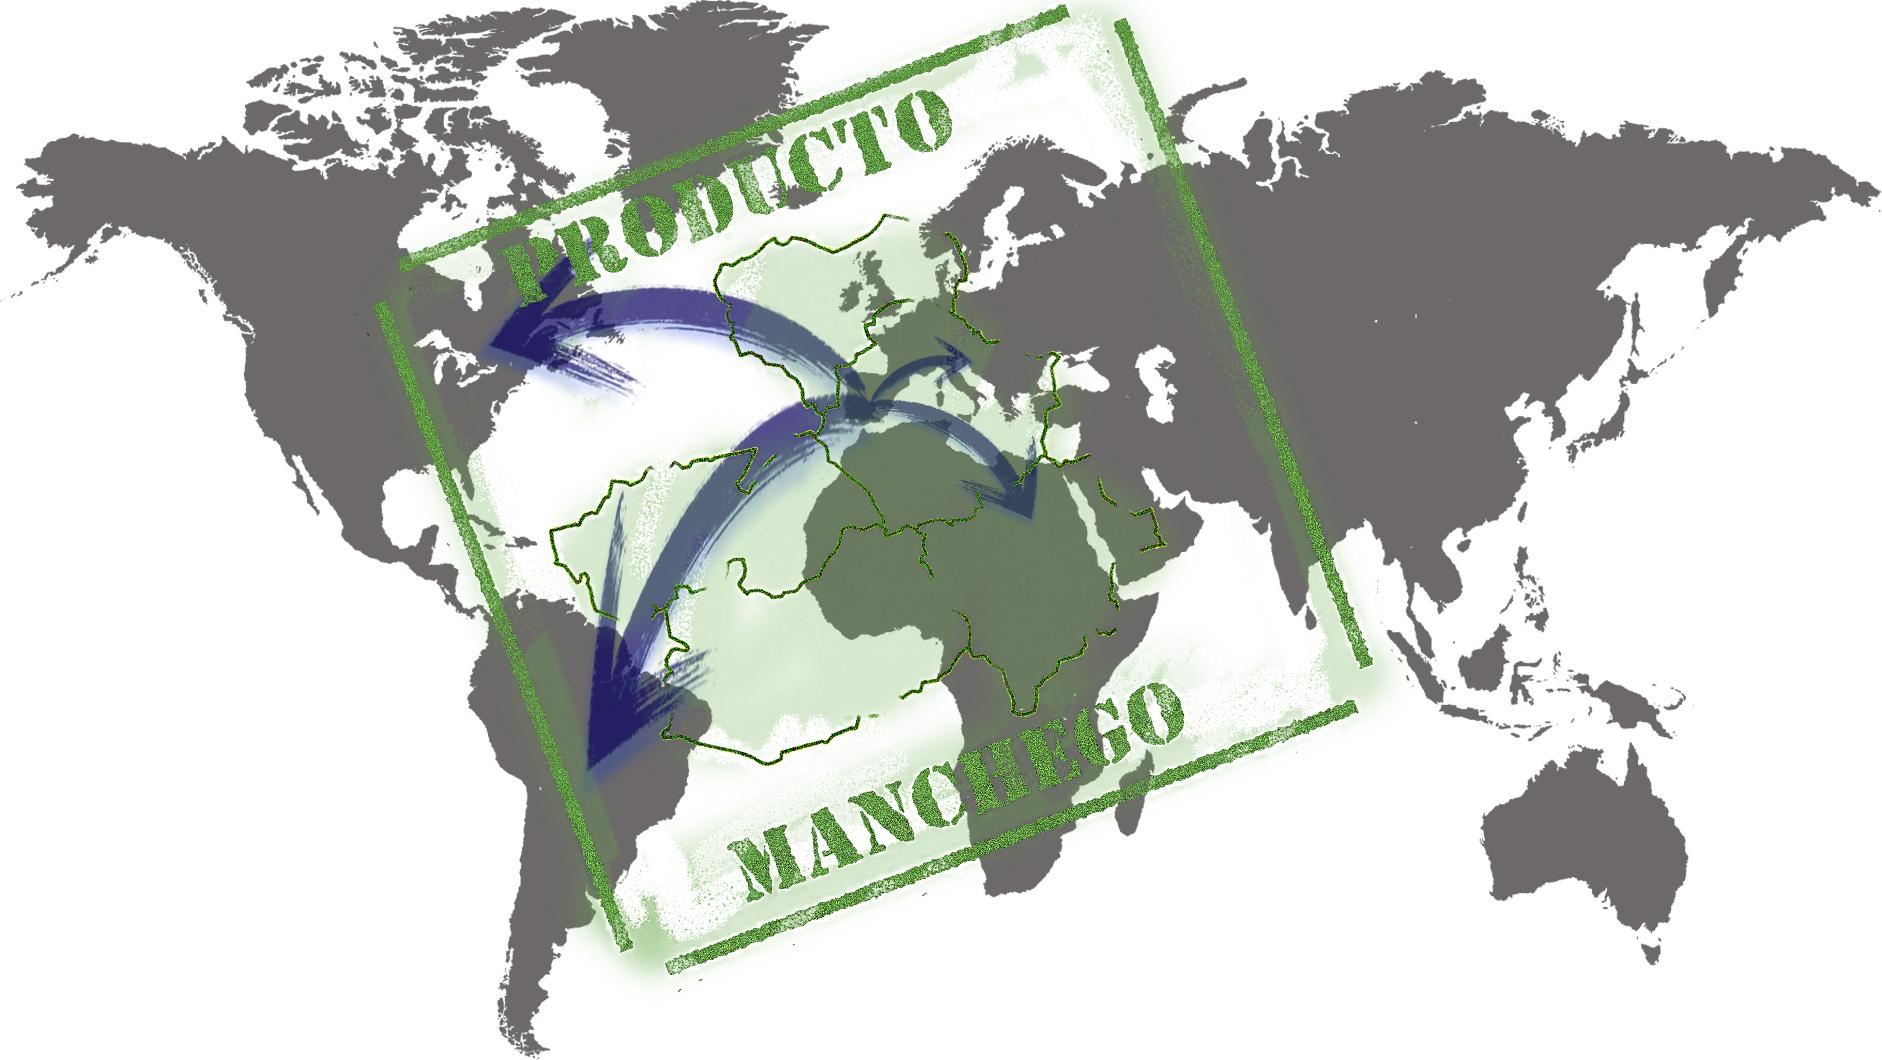 aranceles empresas Ilustración de Santi Morilla sobre las exportaciones de Castilla-La Mancha exportaciones